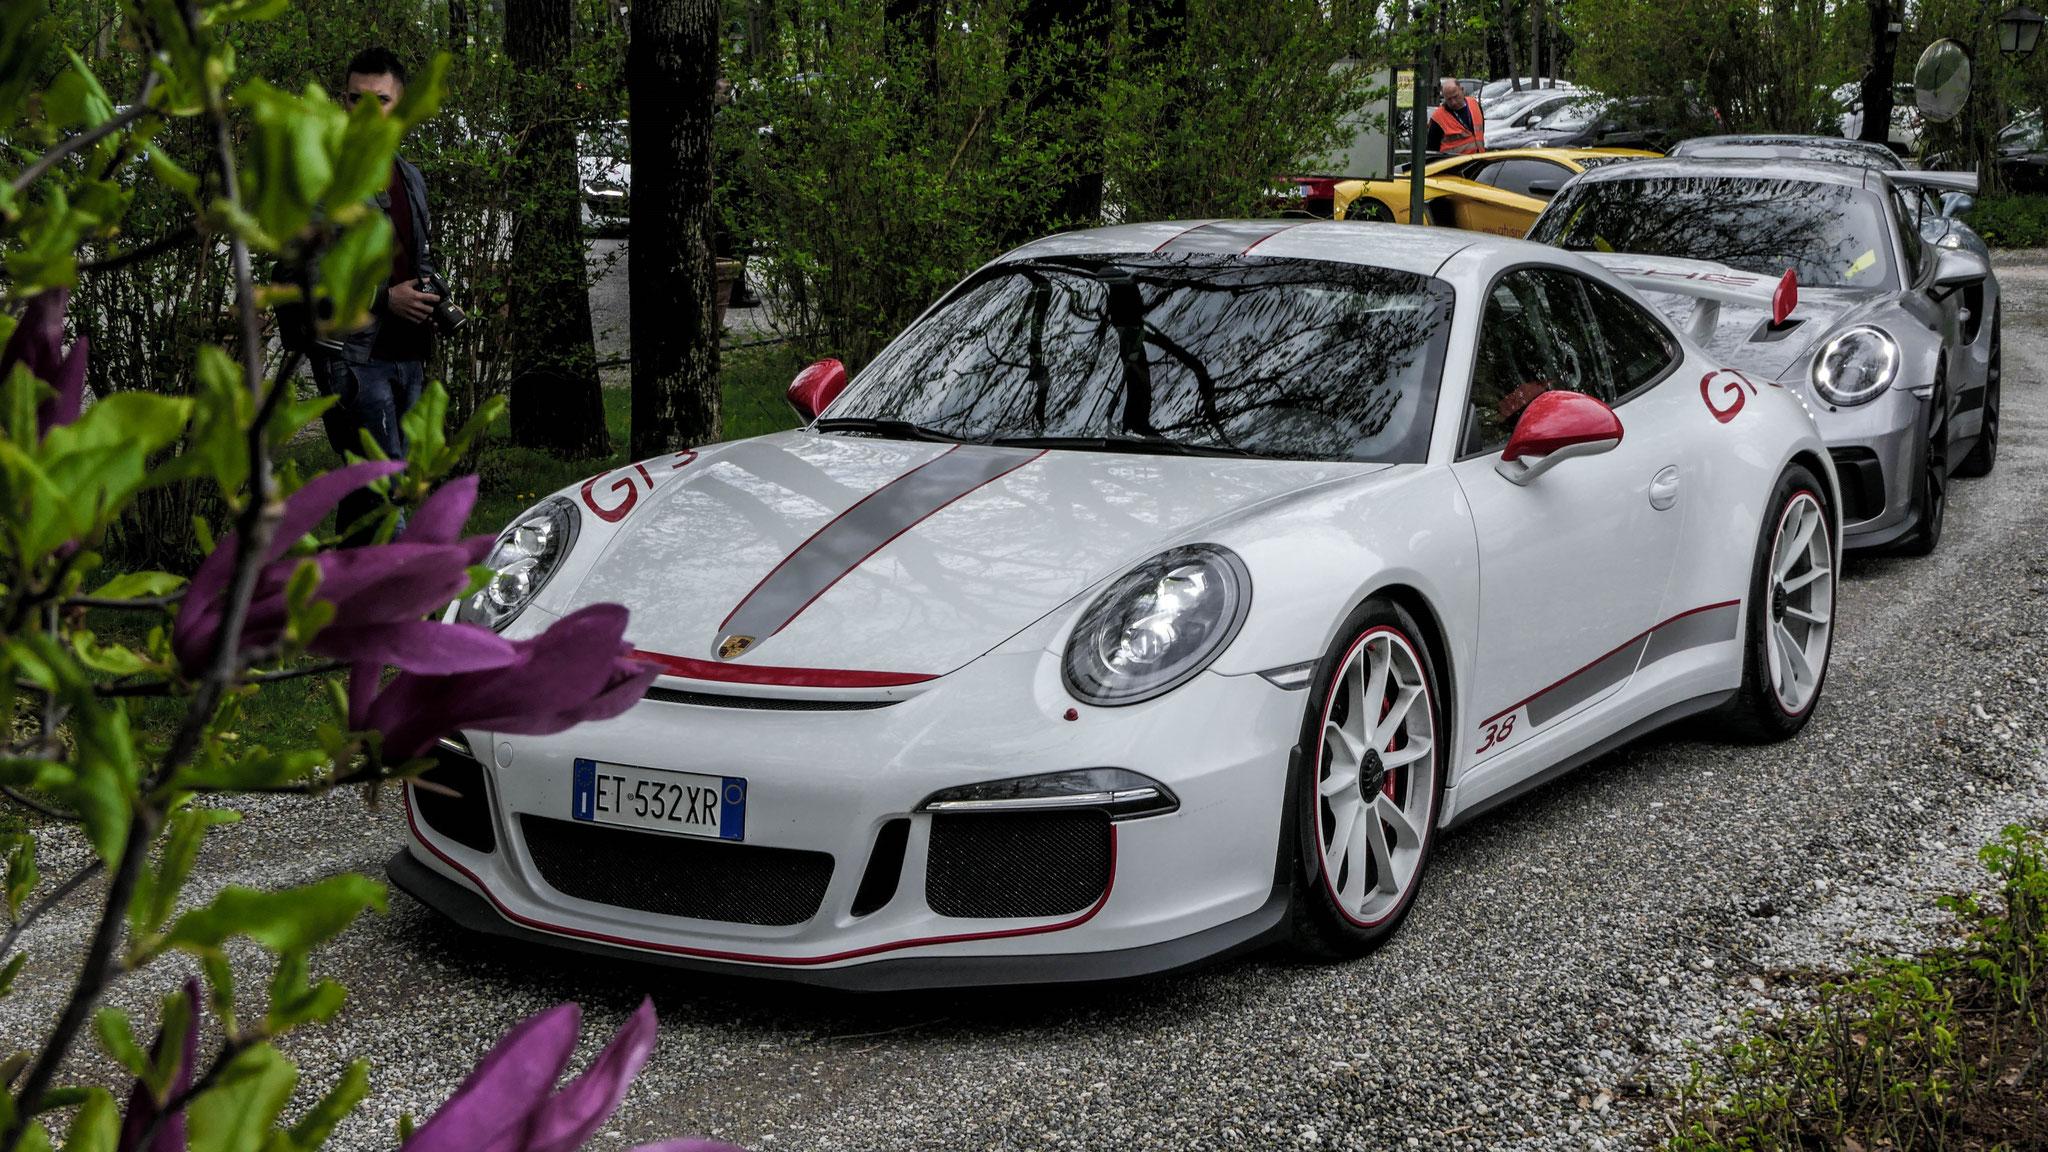 Porsche 991 GT3 - ET-532-XR (ITA)